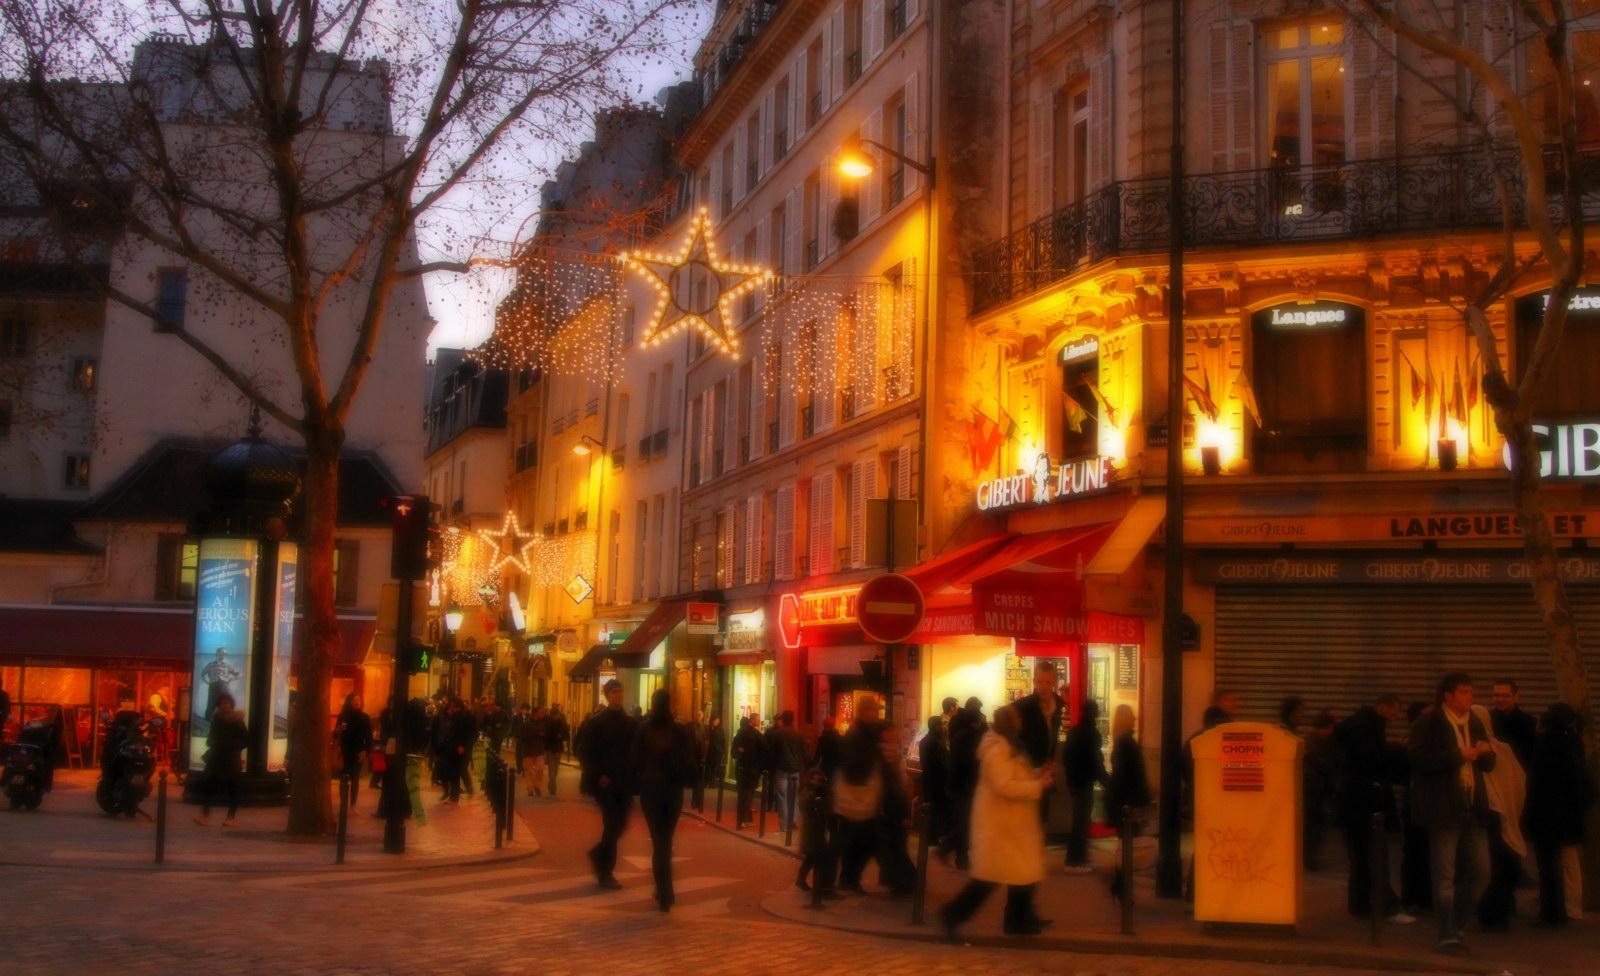 Un Dimanche soir à Paris.....